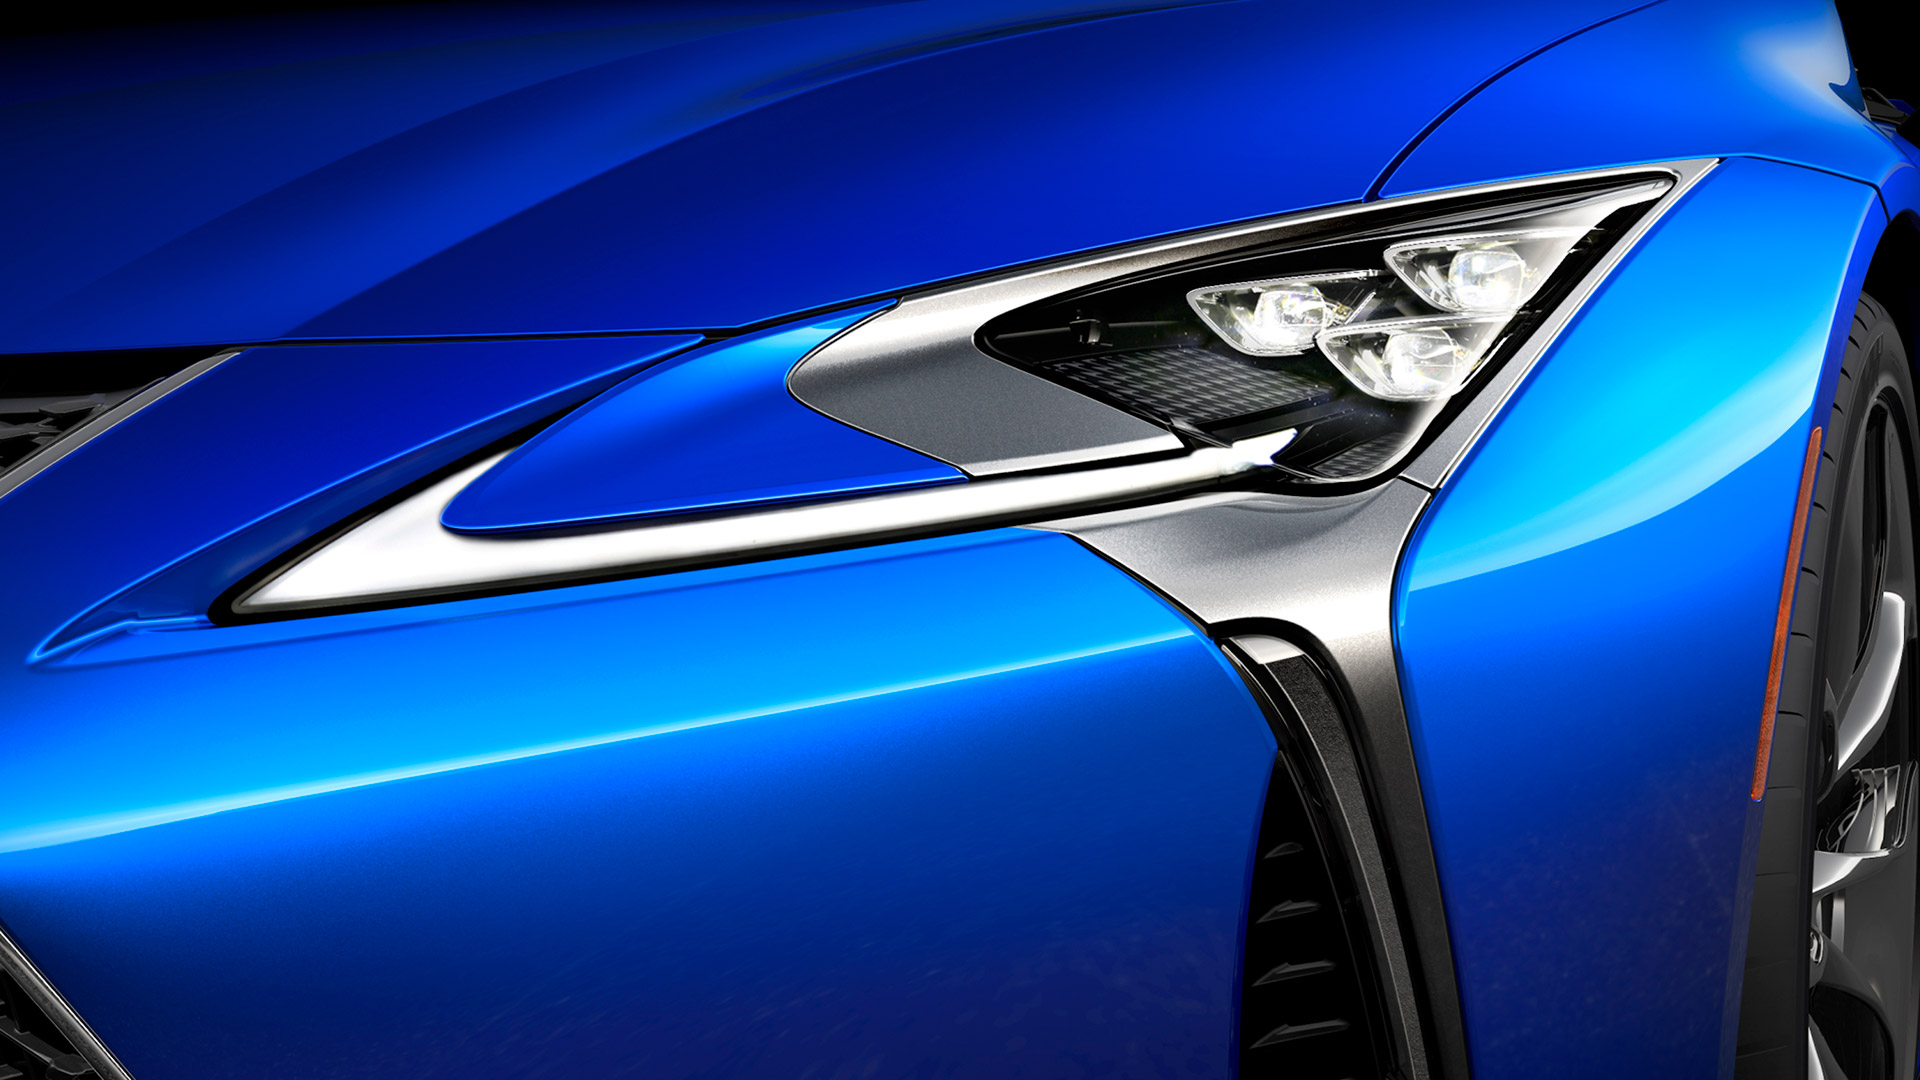 2021 013 Lexus streeft naar de perfecte lak 1920x1080 hero